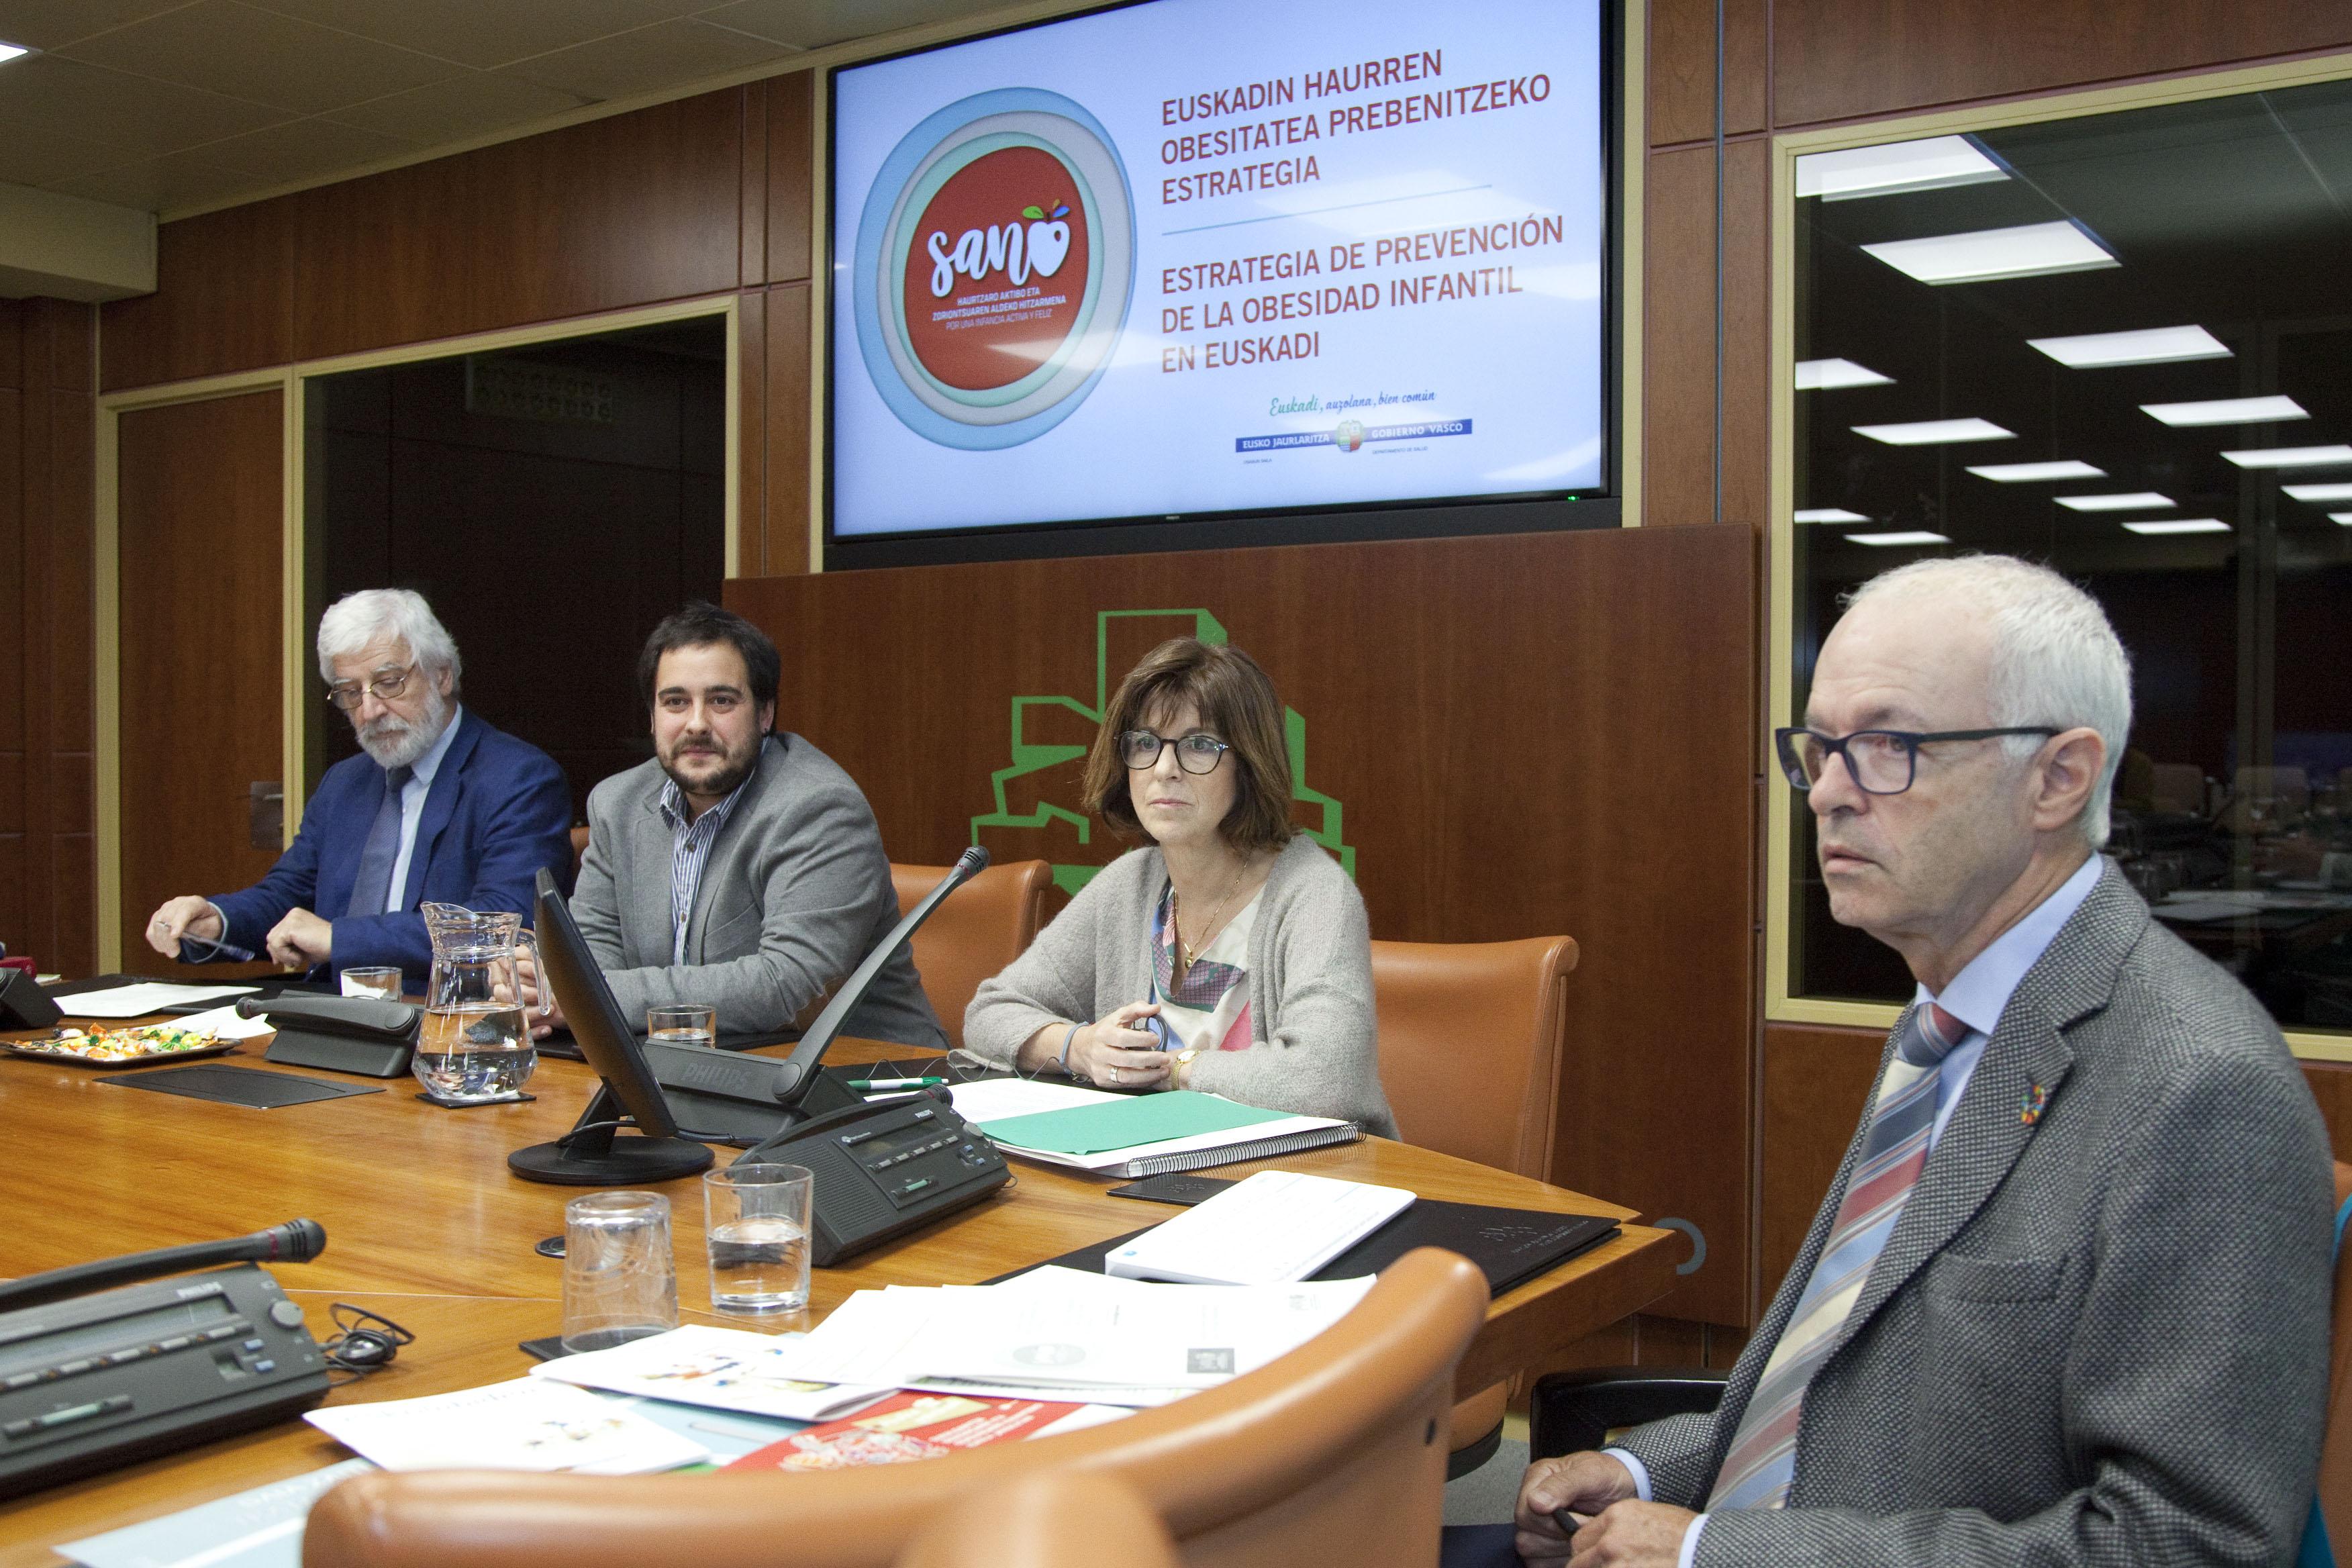 Eusko Jaurlaritzak haur-obesitateari heltzeko ingurune osasungarriak sortzeko duen konpromisoa sendotu du